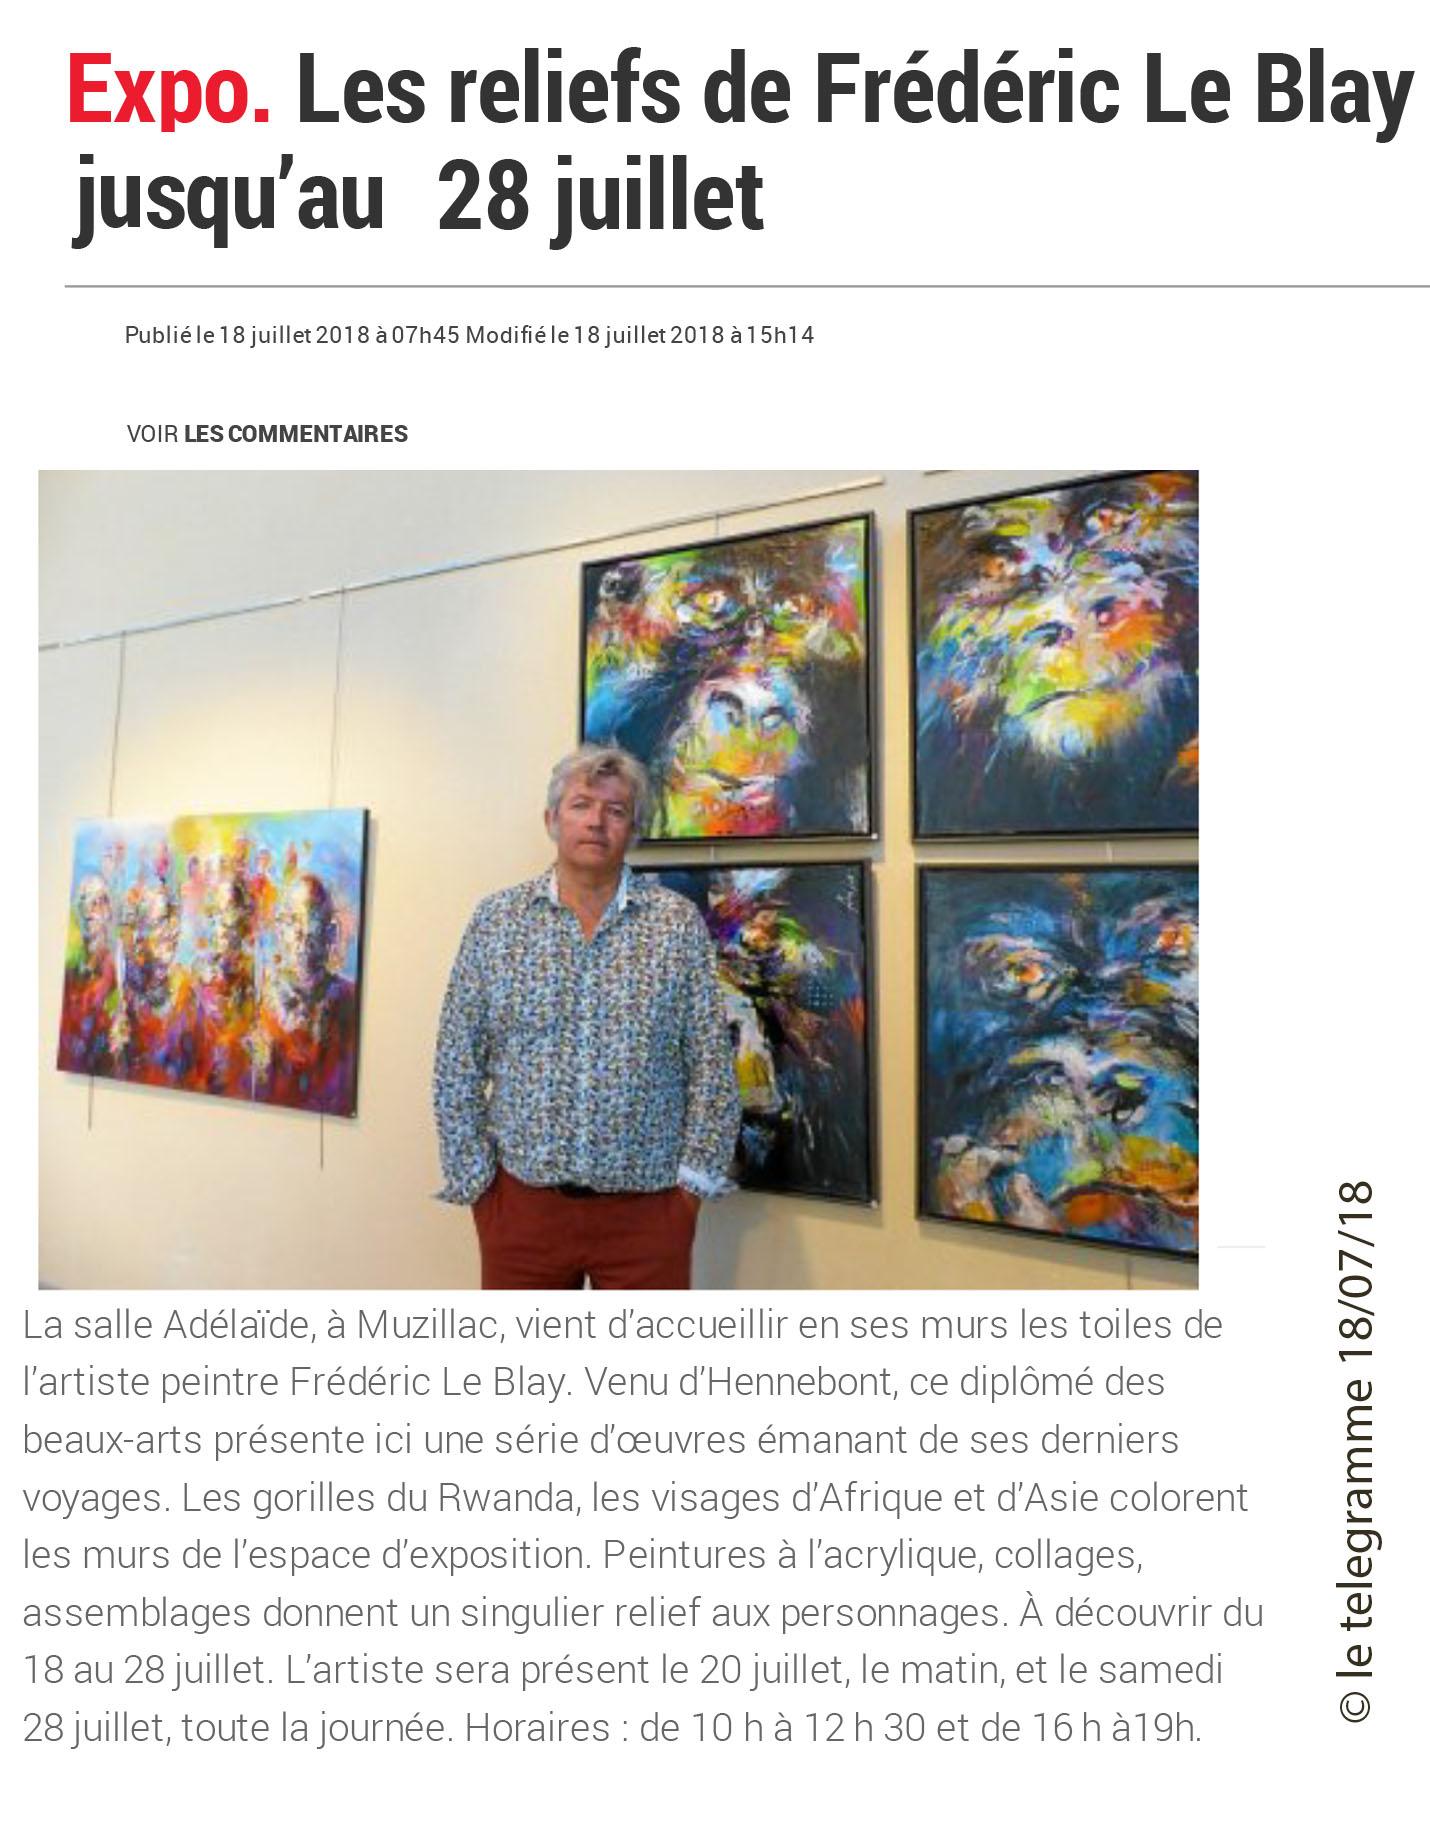 Expo. Les reliefs de Frédéric Le Blay jsuqu'au 28juillet -